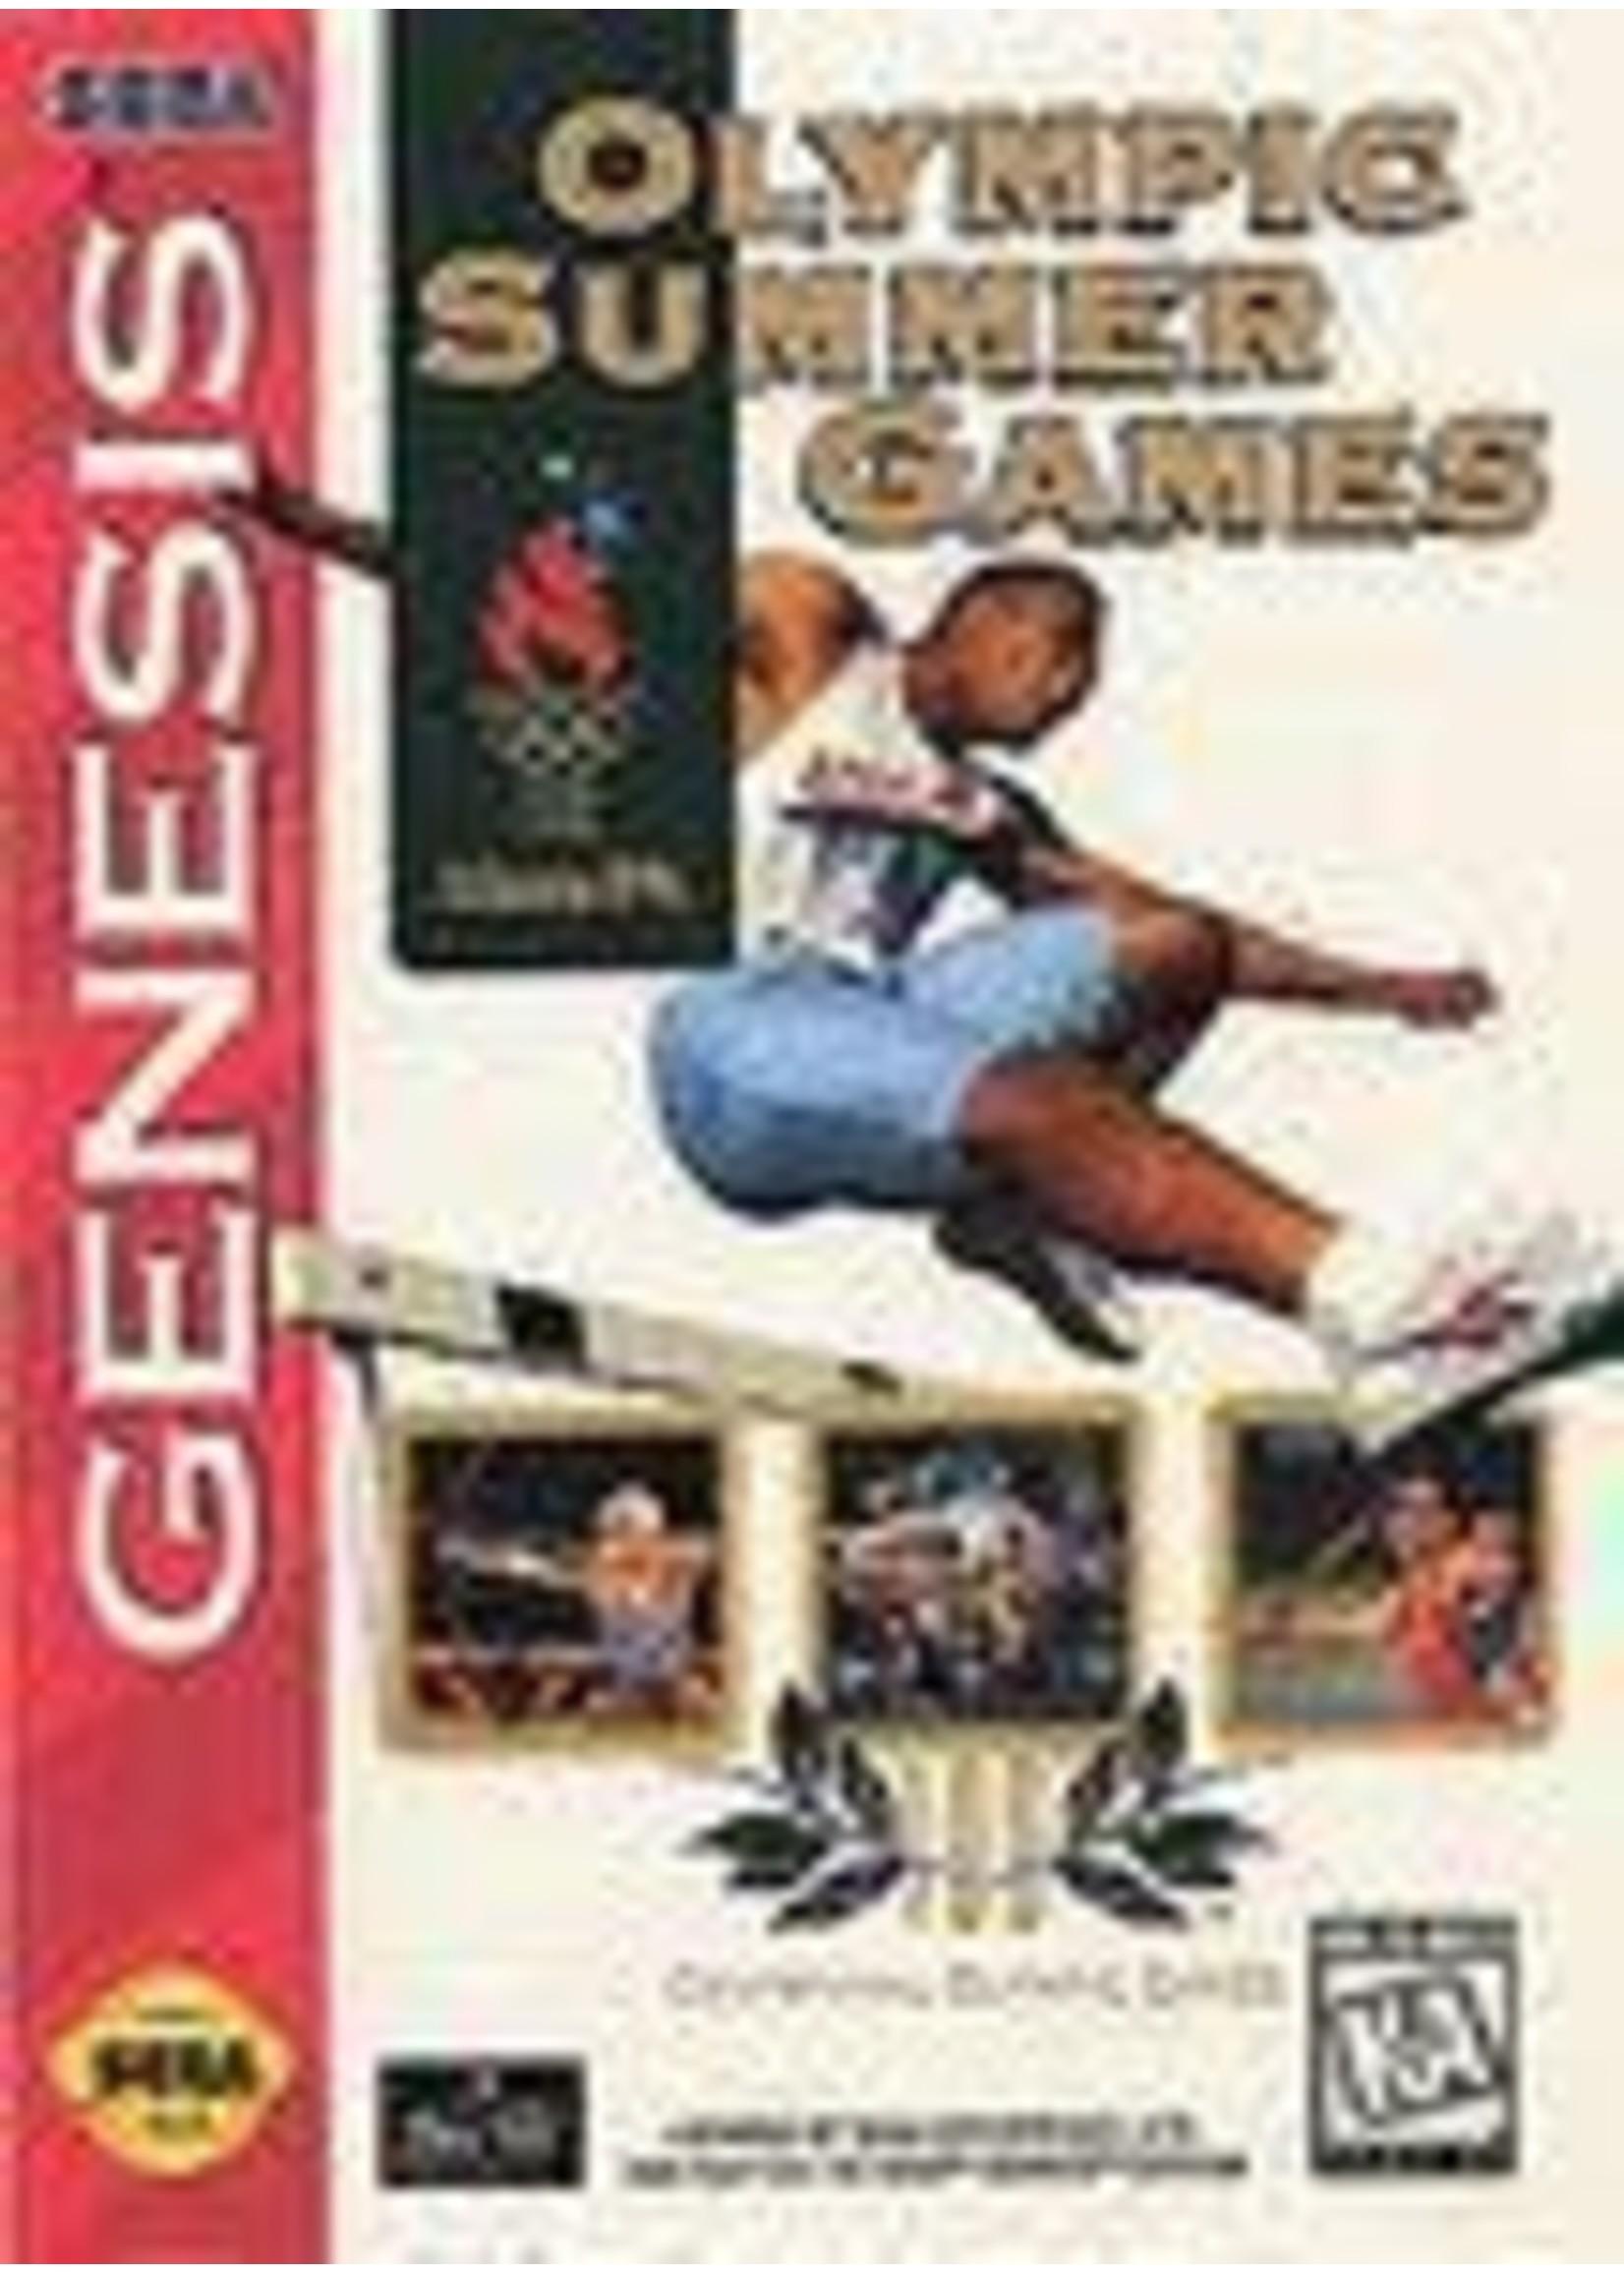 Olympic Summer Games Atlanta 96 Sega Genesis